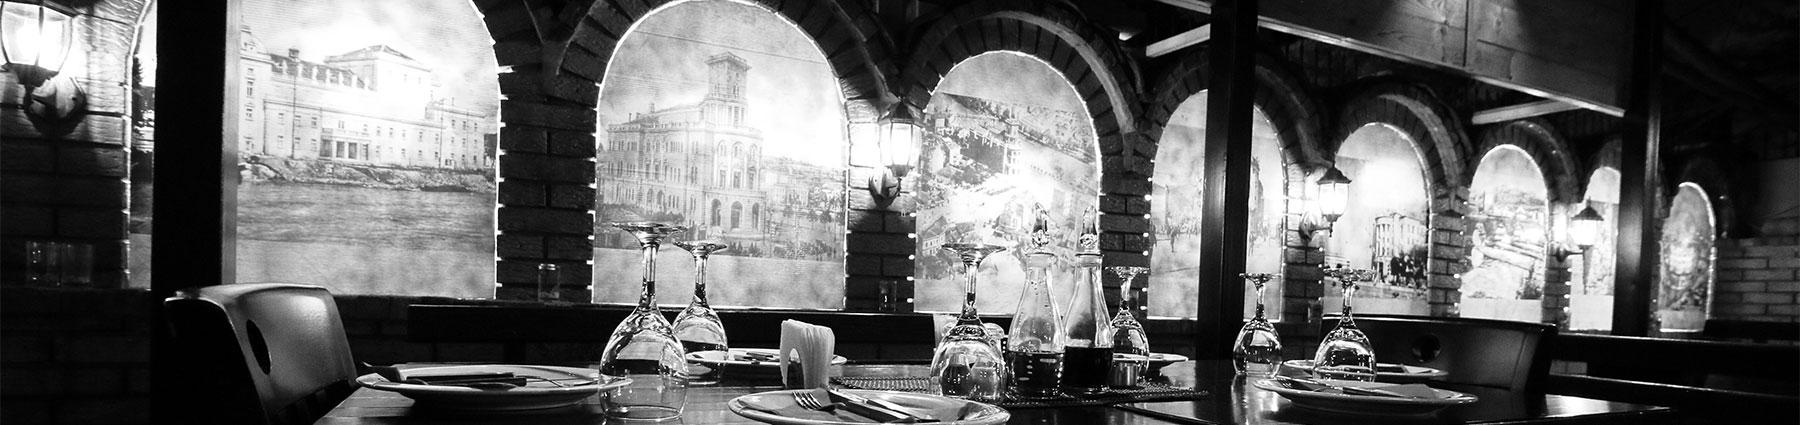 Daria restaurant